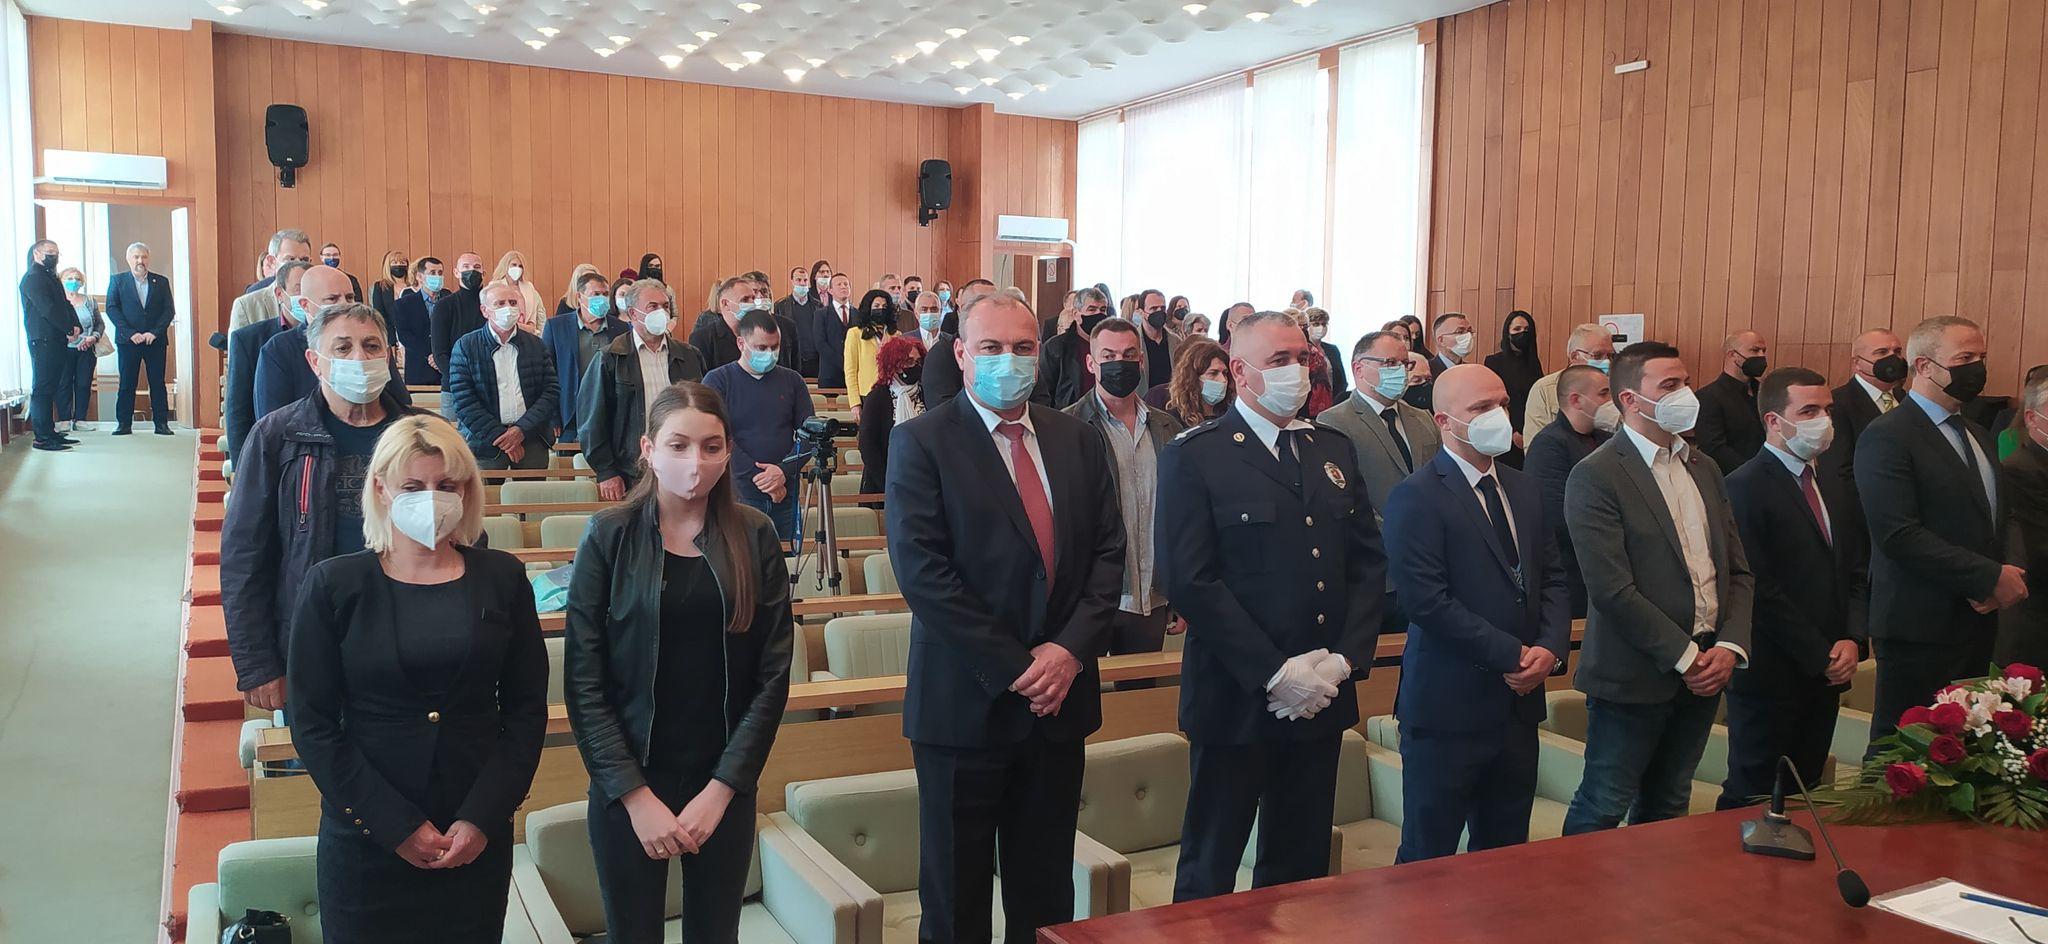 Dan opštine Knjaževac, foto: V.R.